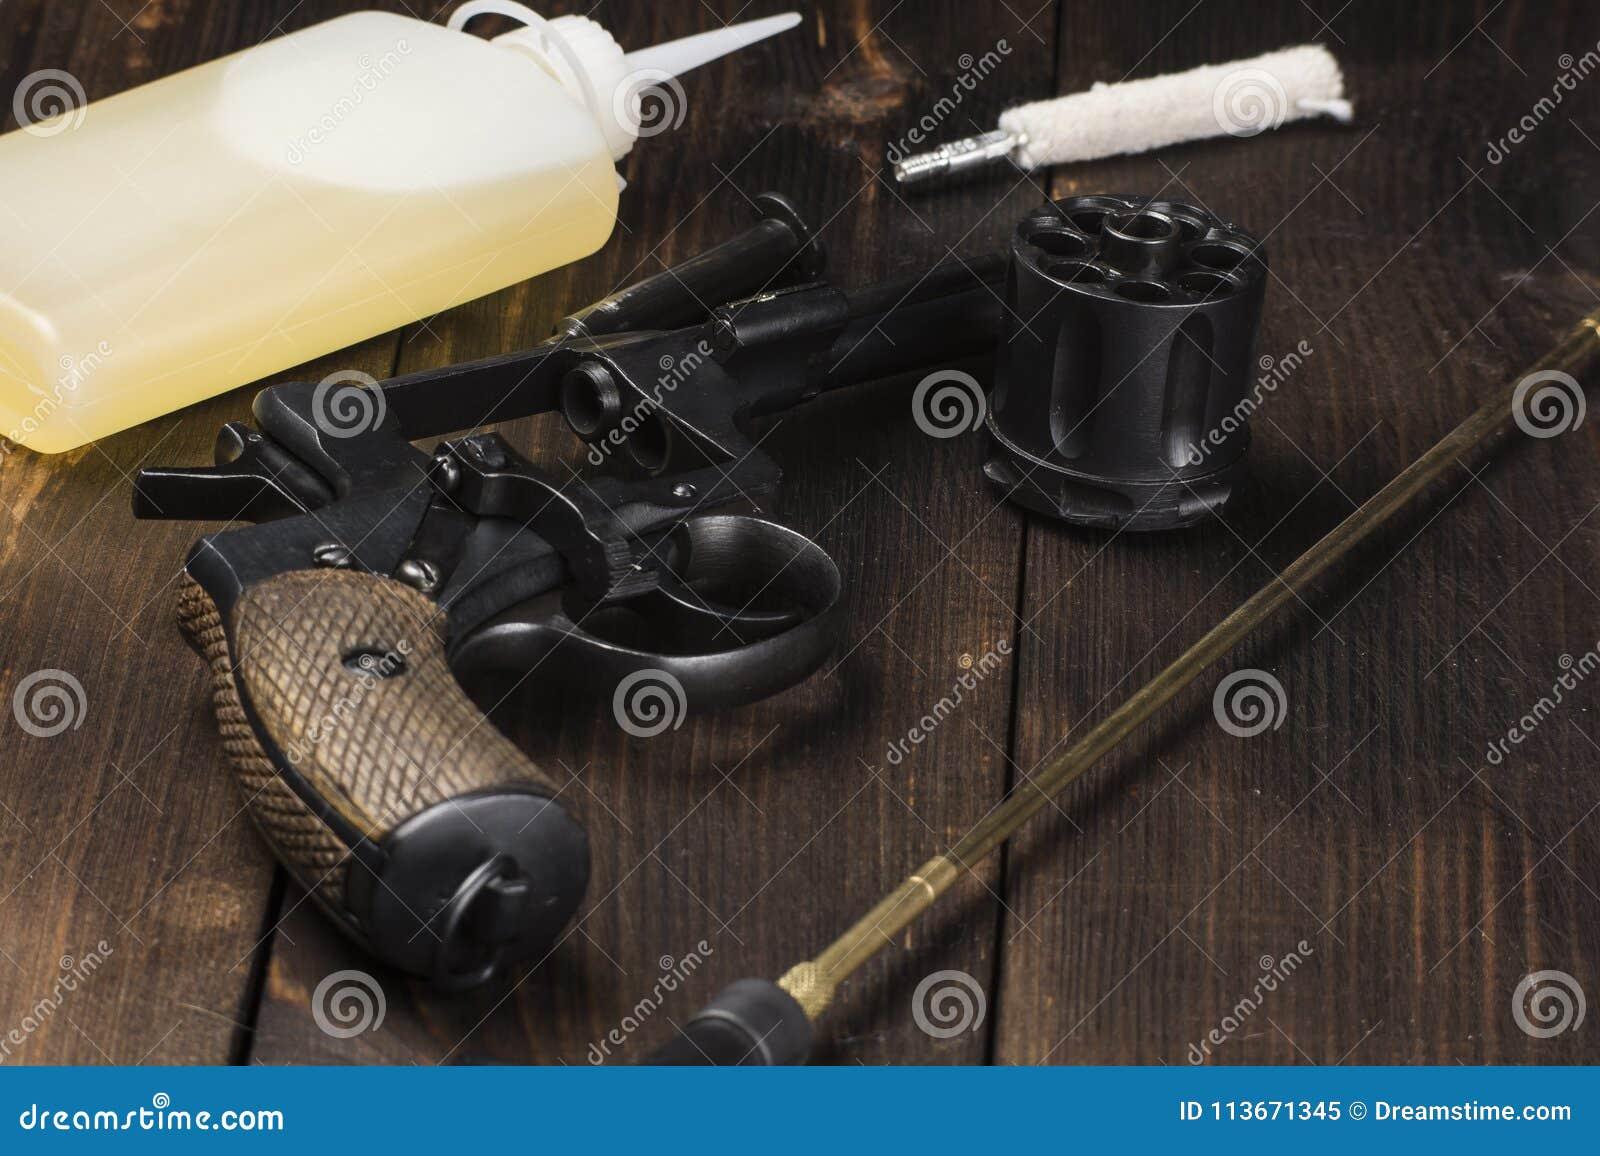 Nettoyage d un revolver antique sur une table